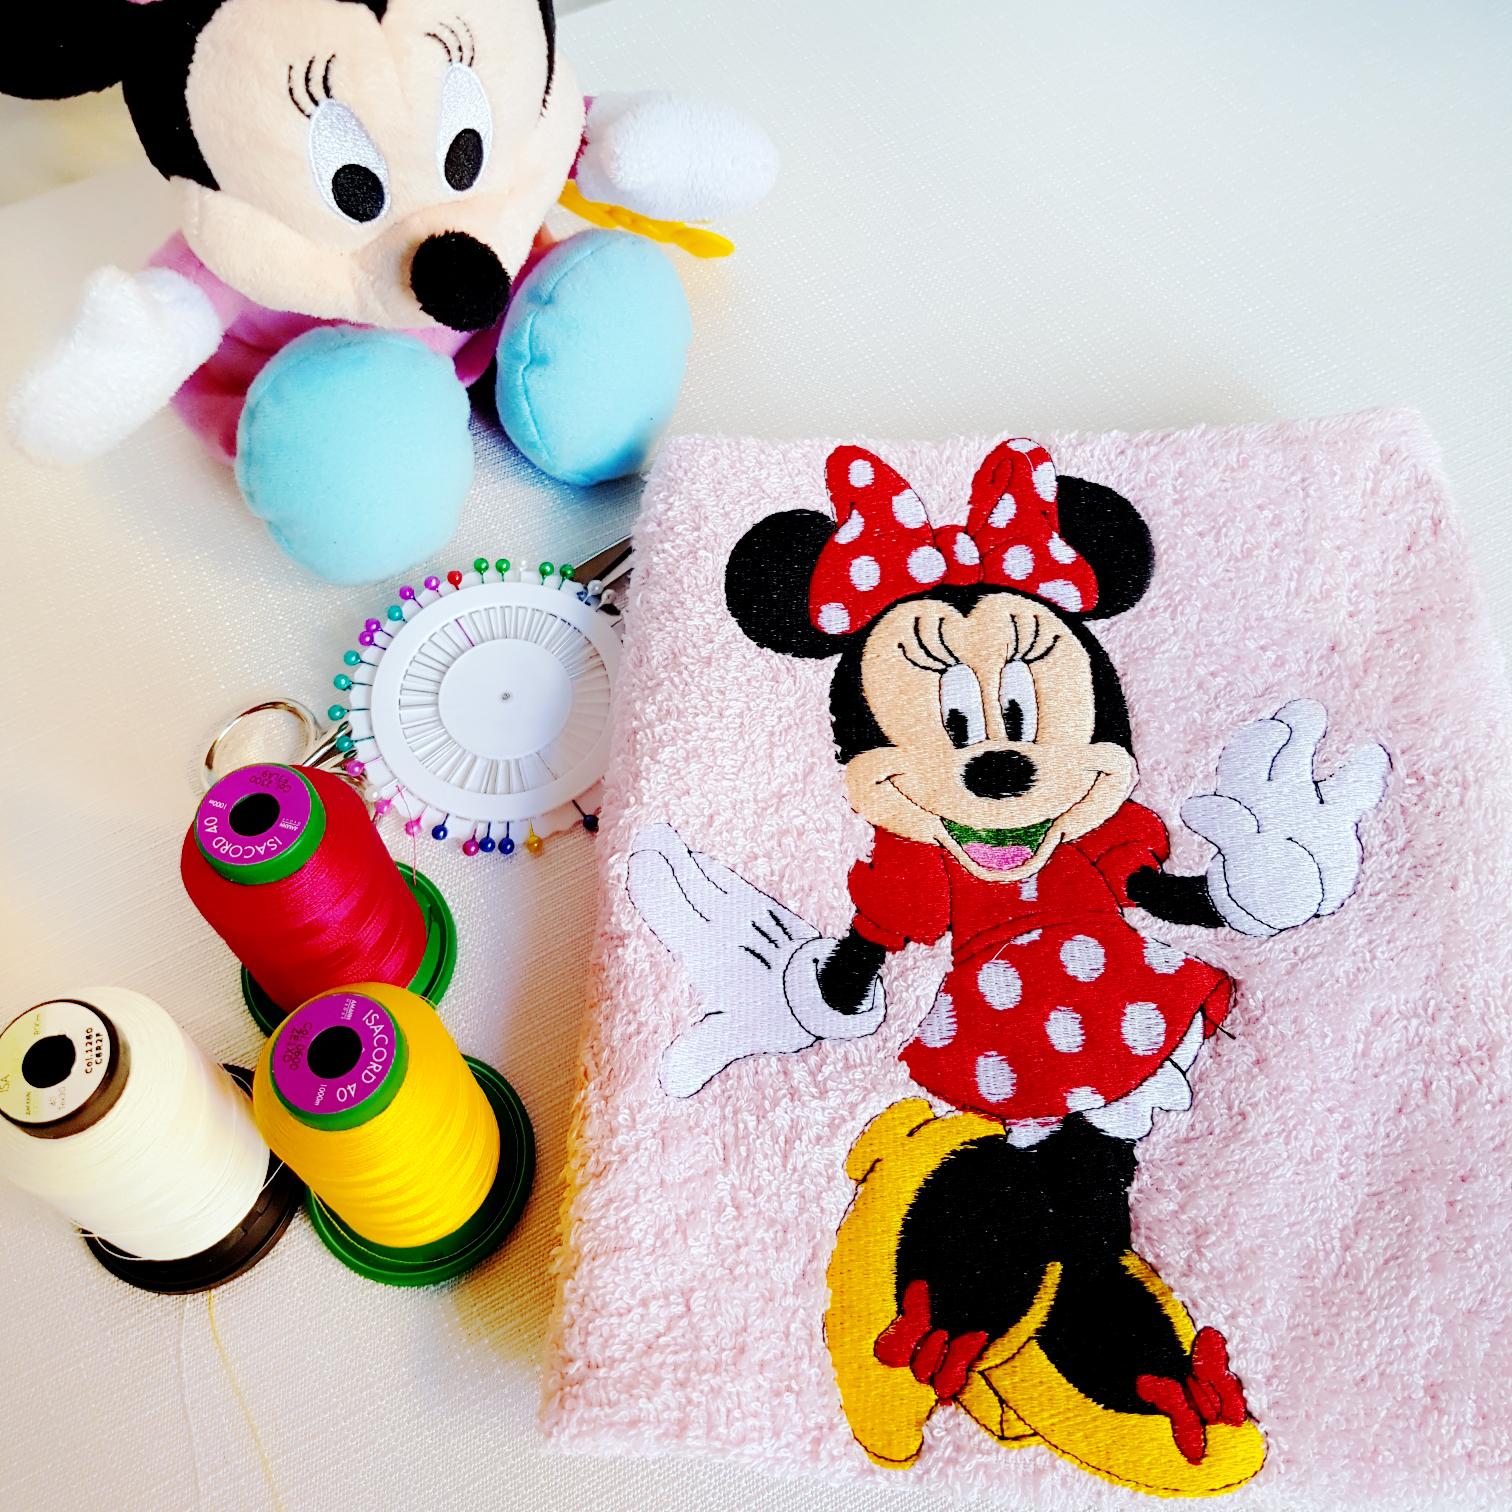 ricami-bambini-milano-sacchetta-asilo-nido-asciugamano-scuola-materna